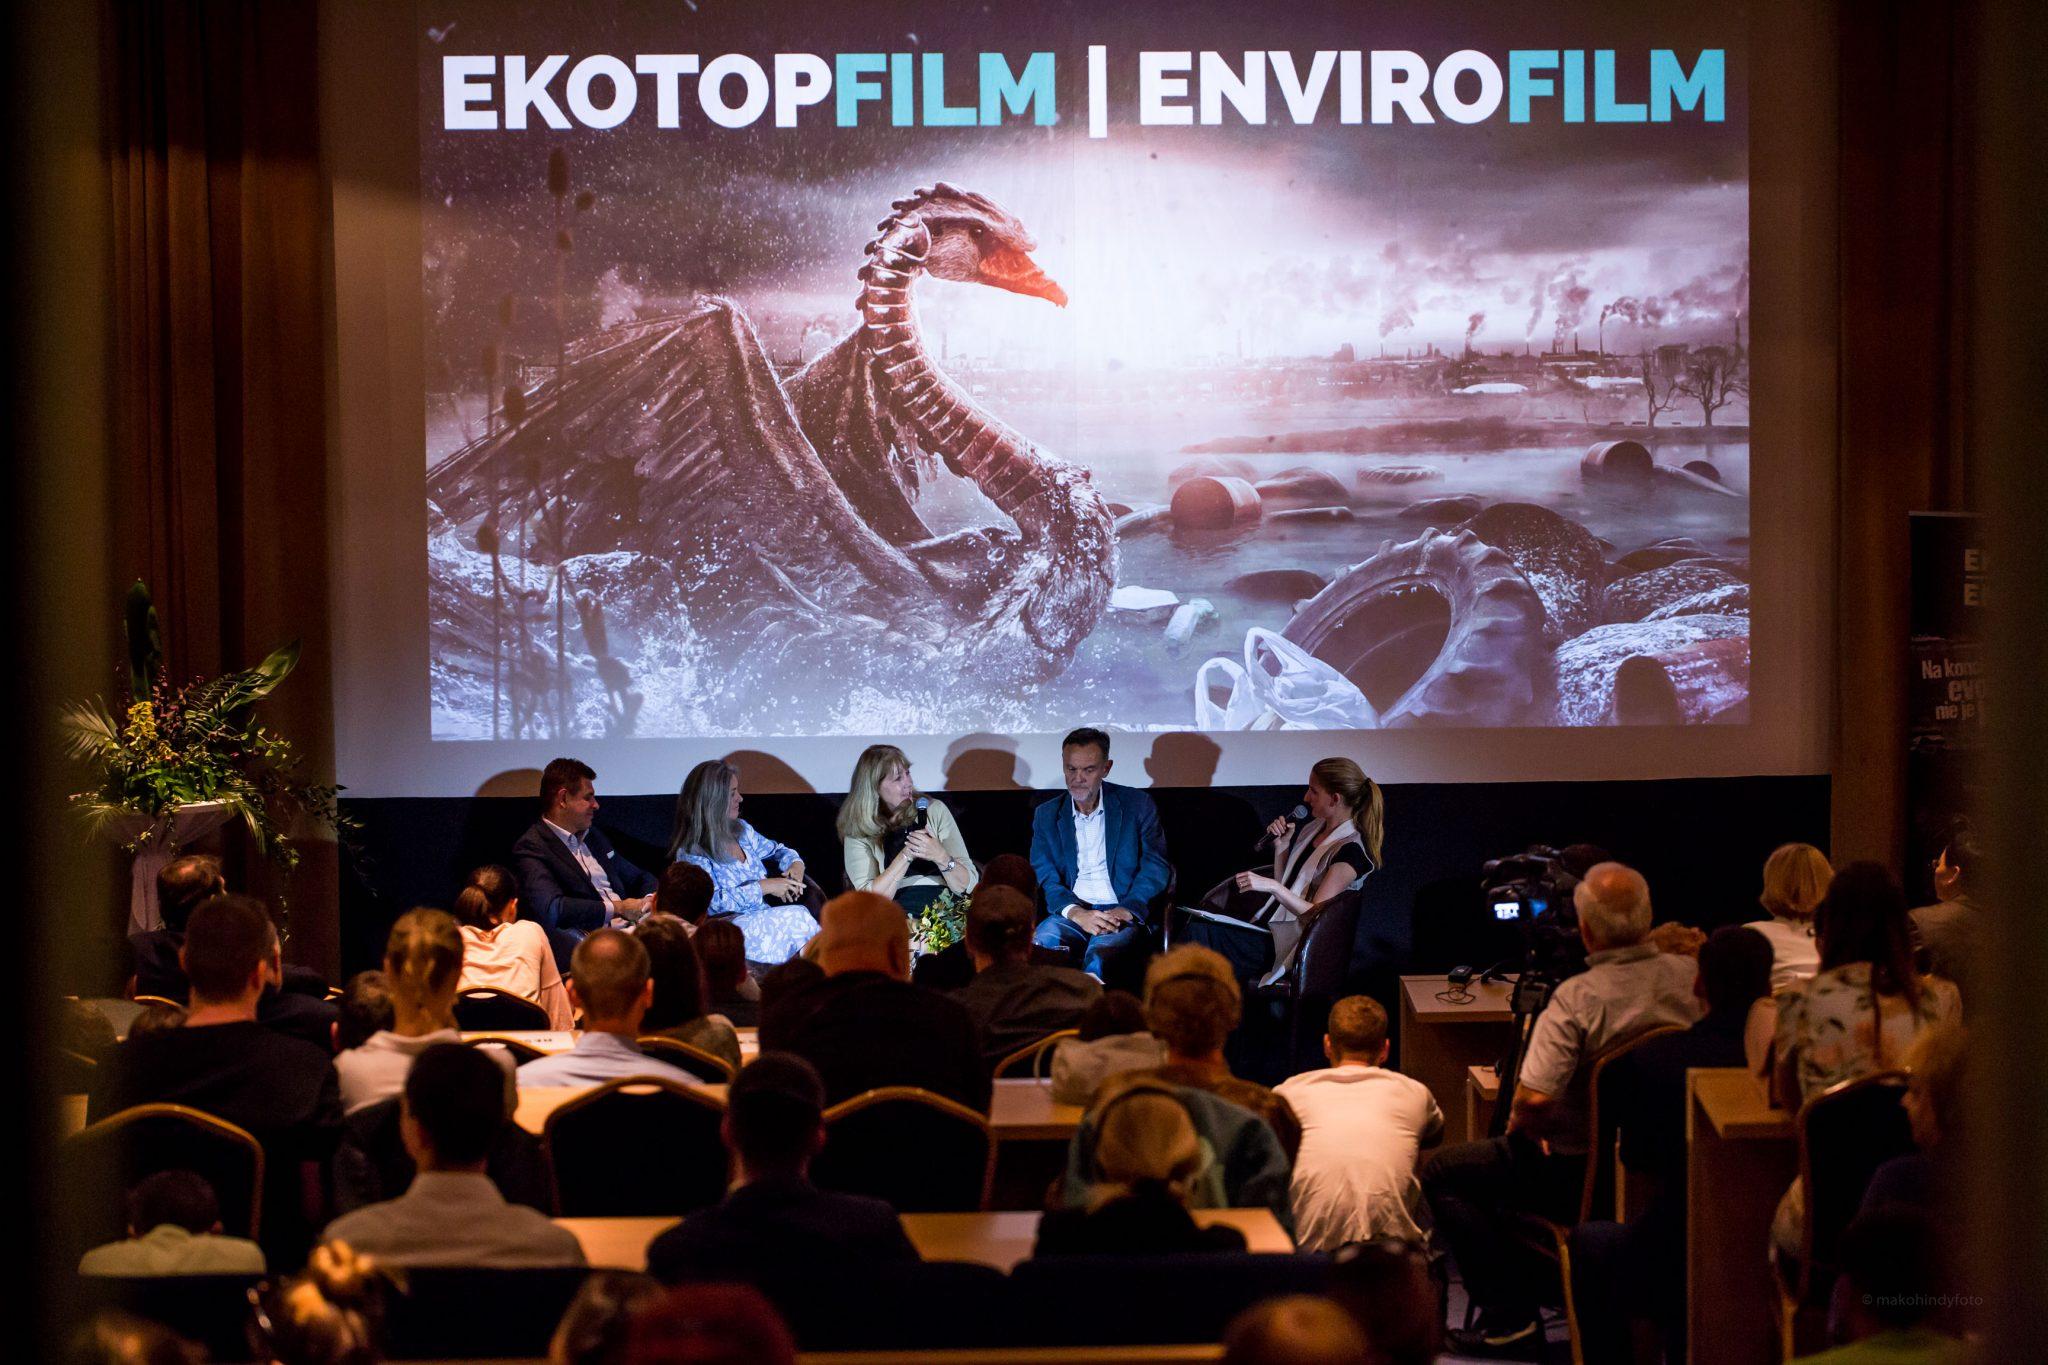 Adela Ban+í+íov+í s hos+ąami tohtoro_Źn+ęho festivalu Ekotopfilm - Envirofilm v Bratislave, Paul Lister, Maryanne Culpepper, Polly Higgins, L+íszl+- S+-lymos